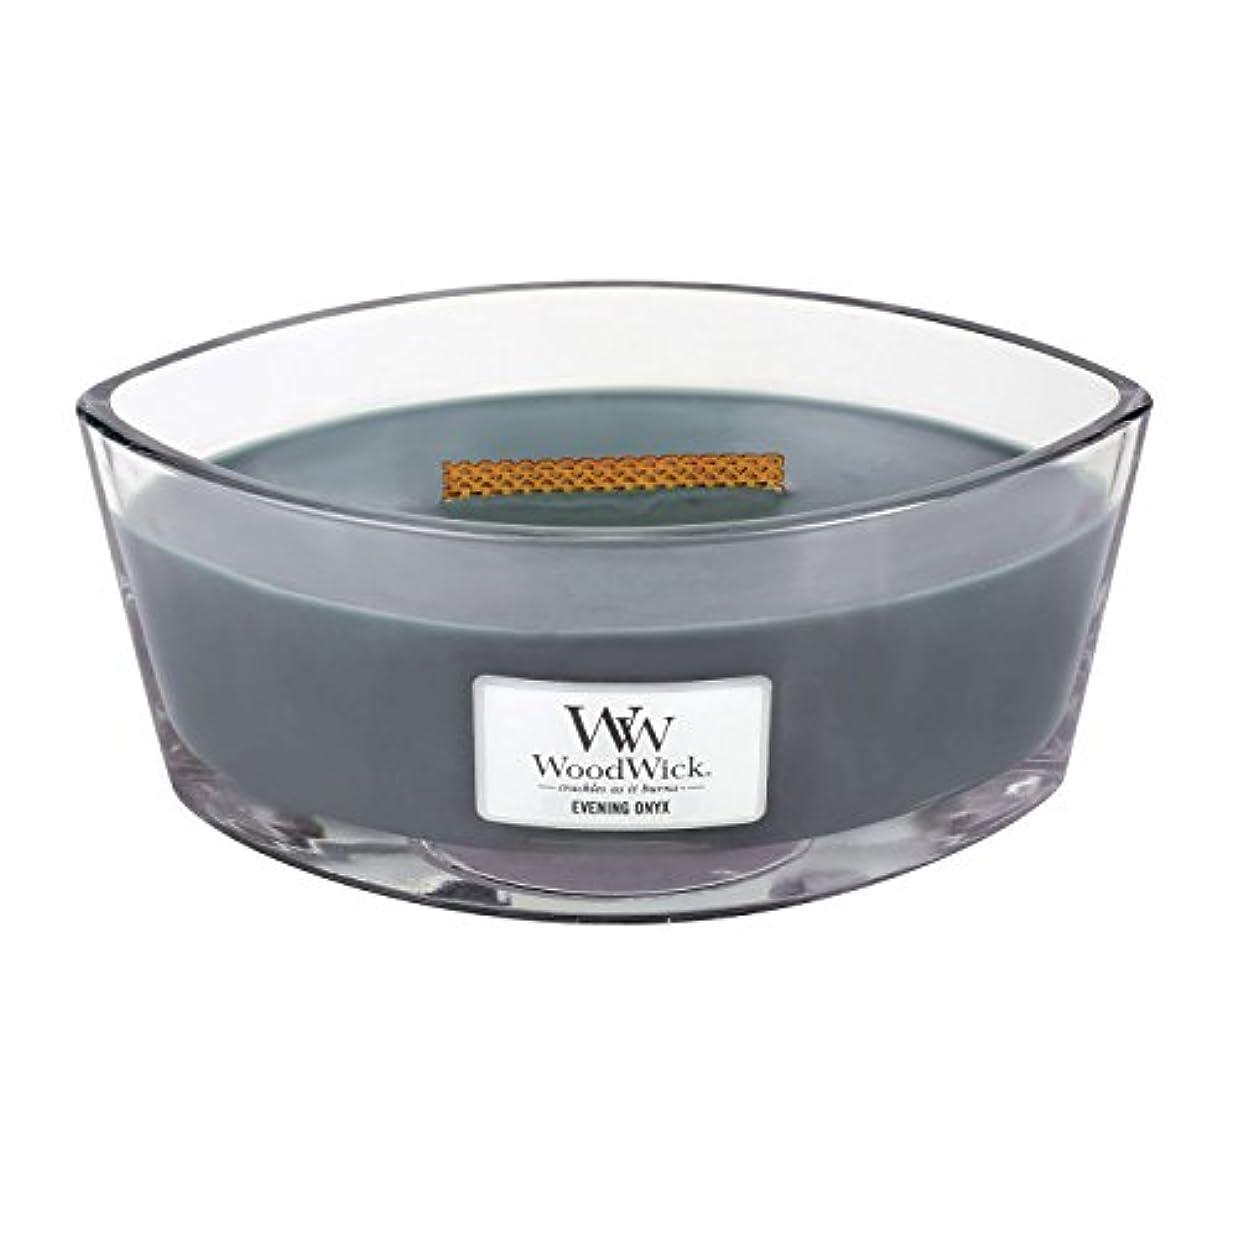 にぎやか対応すきWoodWick EVENING ONYX, Highly Scented Candle, Ellipse Glass Jar with Original HearthWick Flame, Large 18cm, 470ml